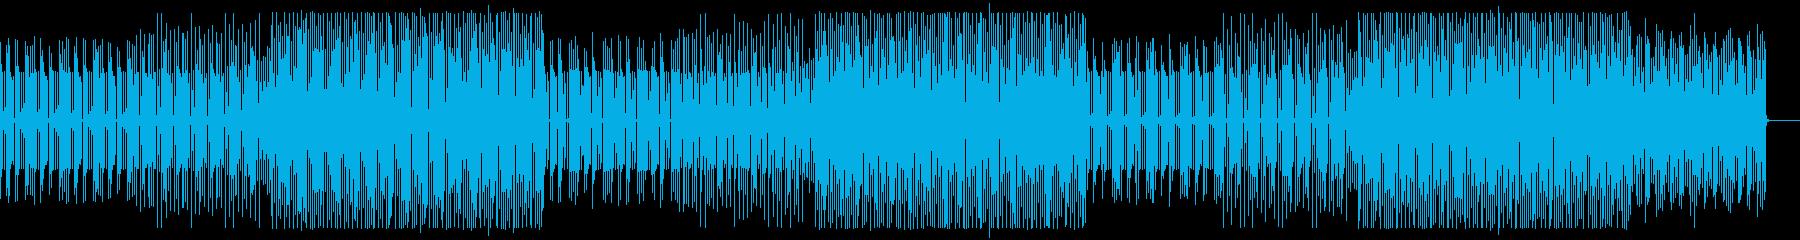 ゾンビのダンス 不気味なエレクトロ 幽霊の再生済みの波形